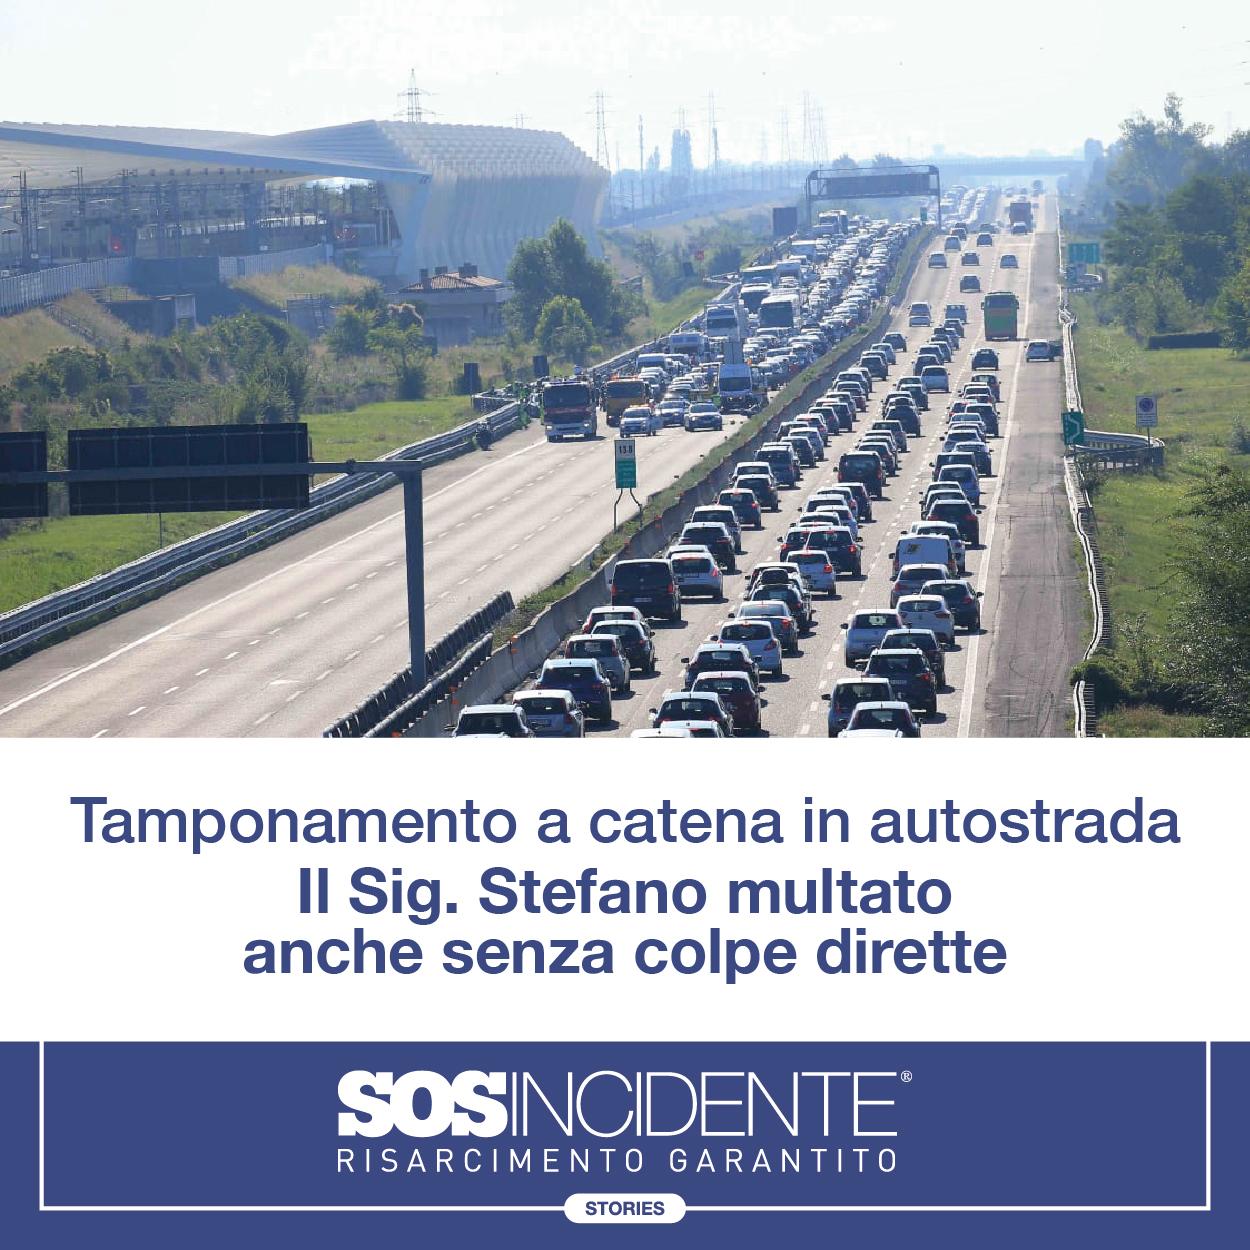 SOSIncidente_Tamponamento_Autostrdada_21